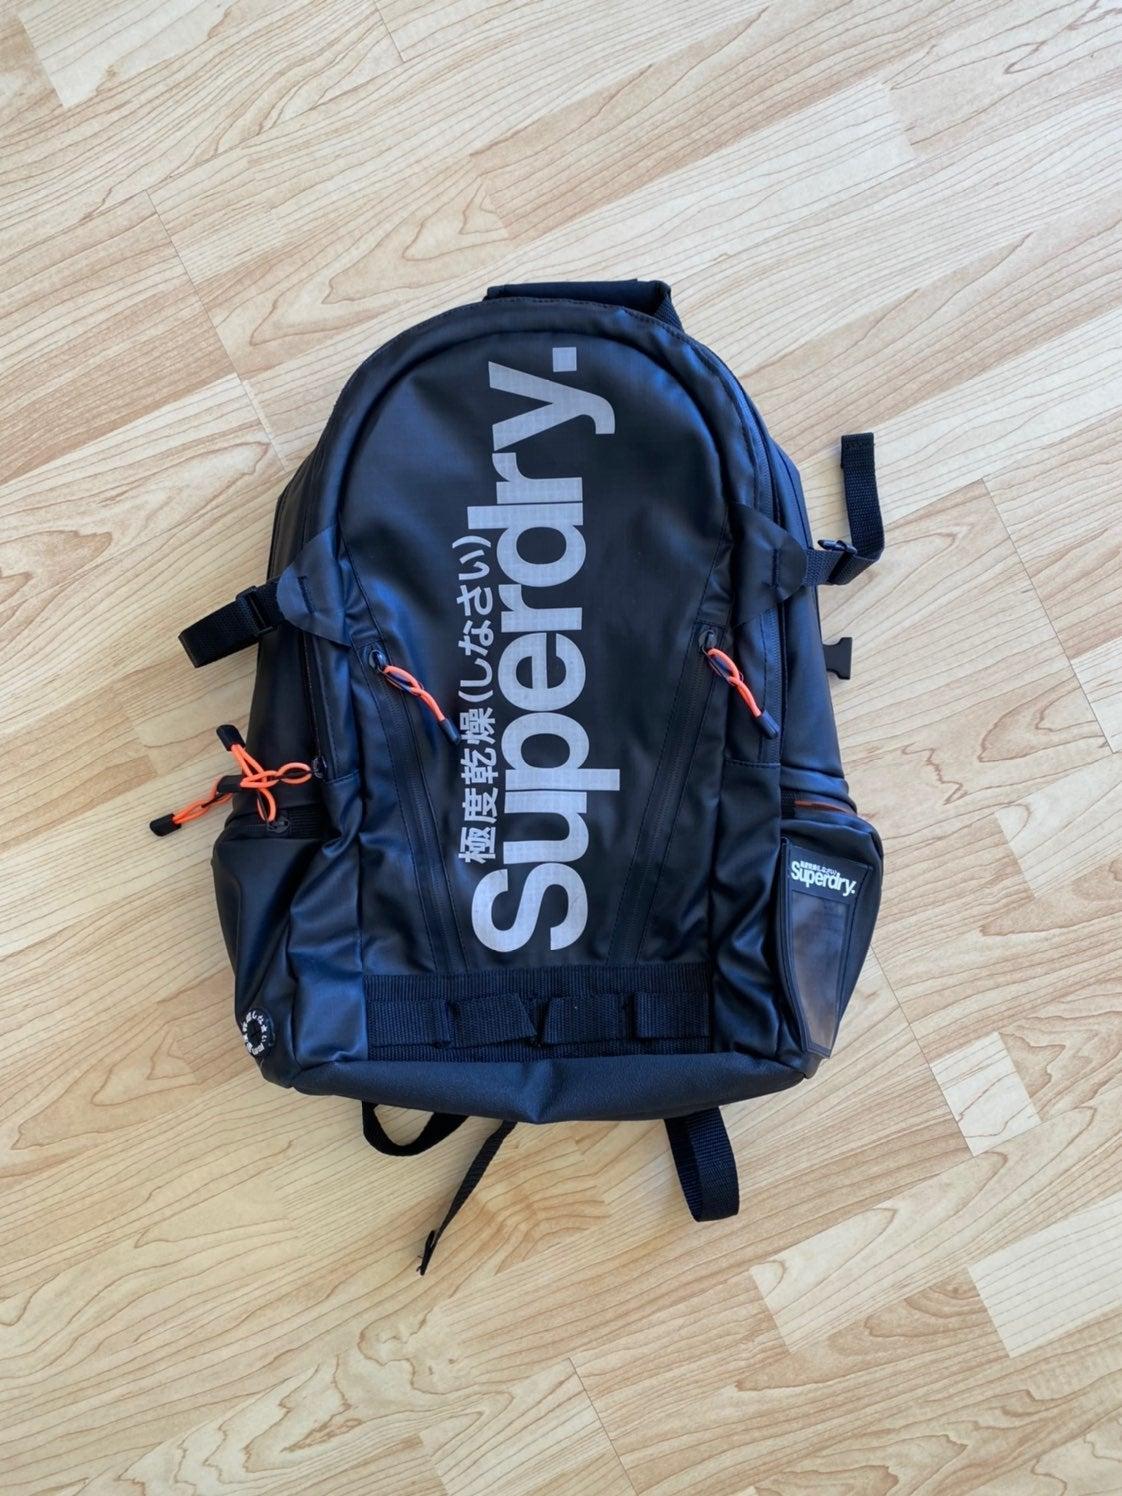 Superdry Black & Orange Backpack